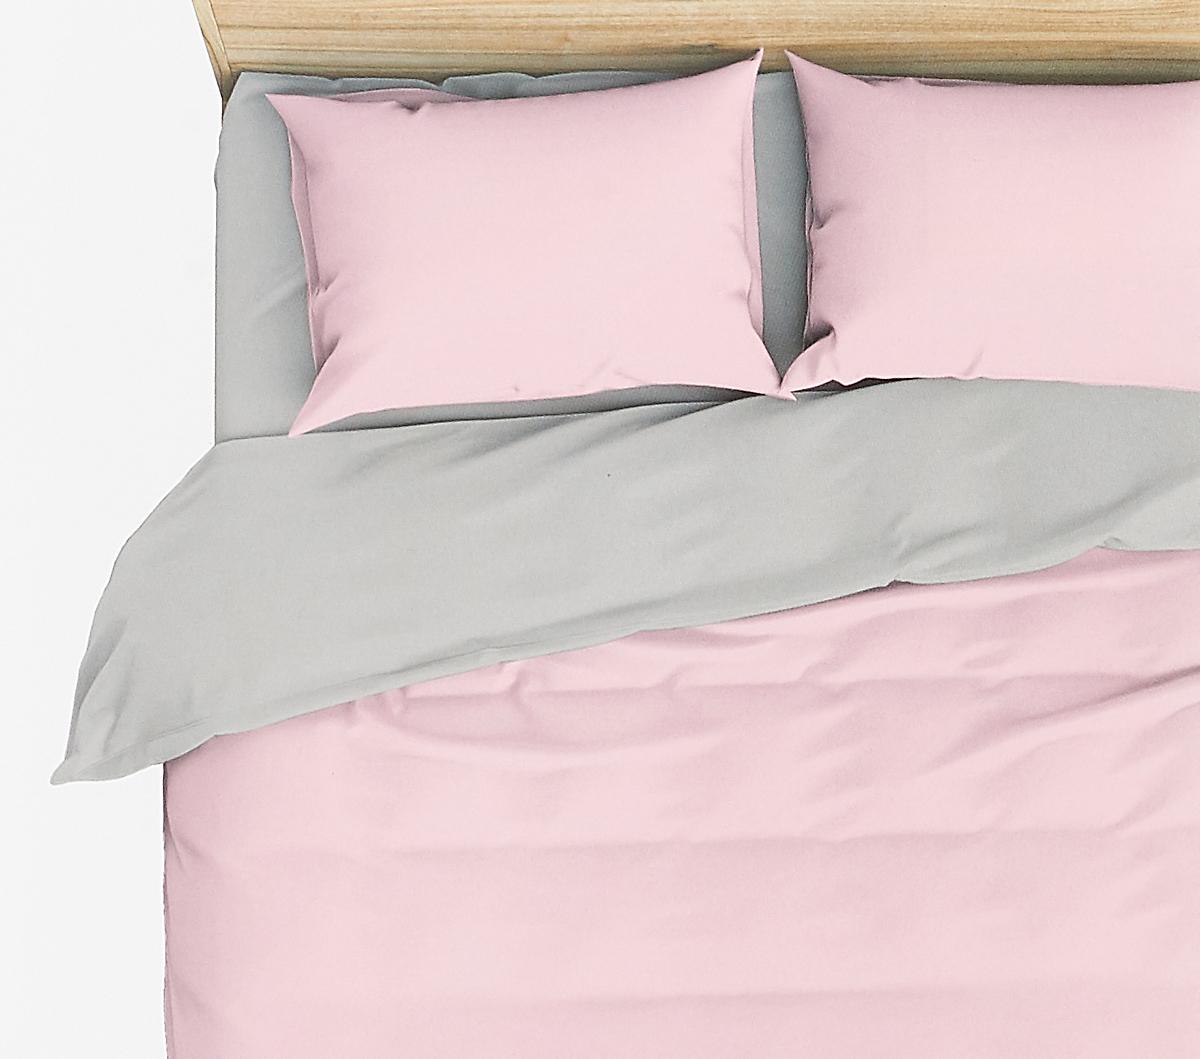 Комплект белья Василиса Розовый жемчуг, 2-спальный, наволочки 70x70, цвет: розовый. 372/1 комплект белья василиса мятная дымка 1 5 спальный наволочки 70x70 цвет зеленый розовый 363